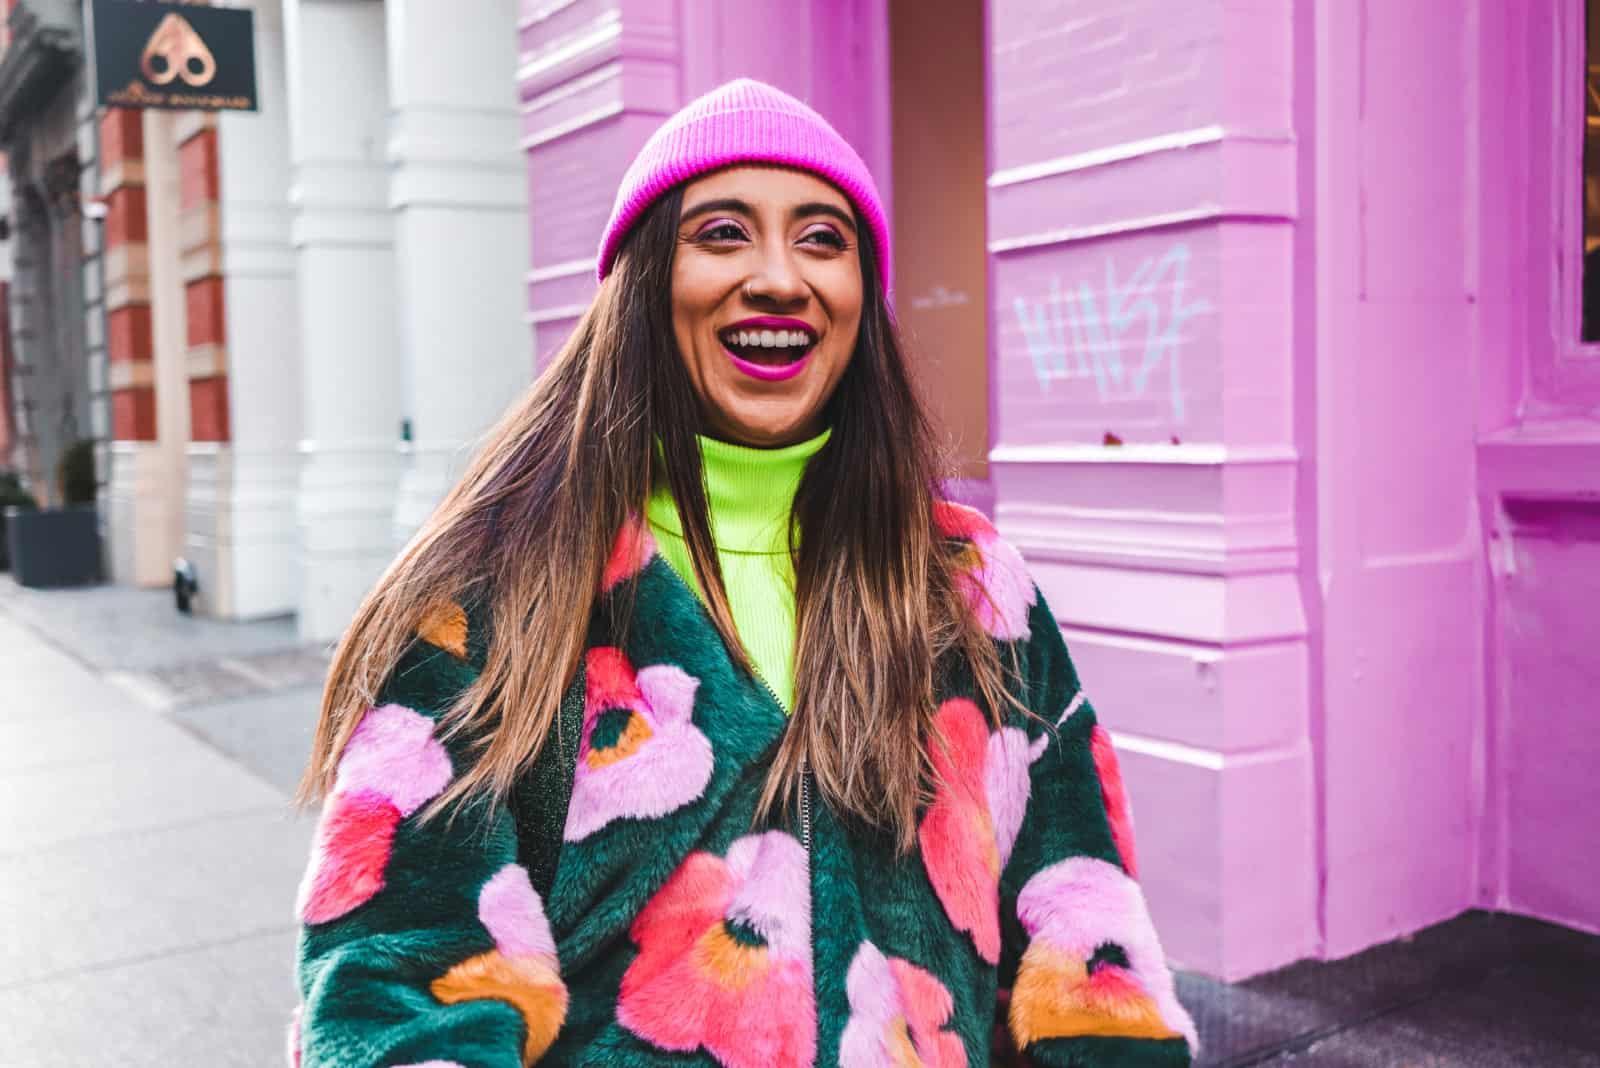 femme avec un bonnet rose souriant